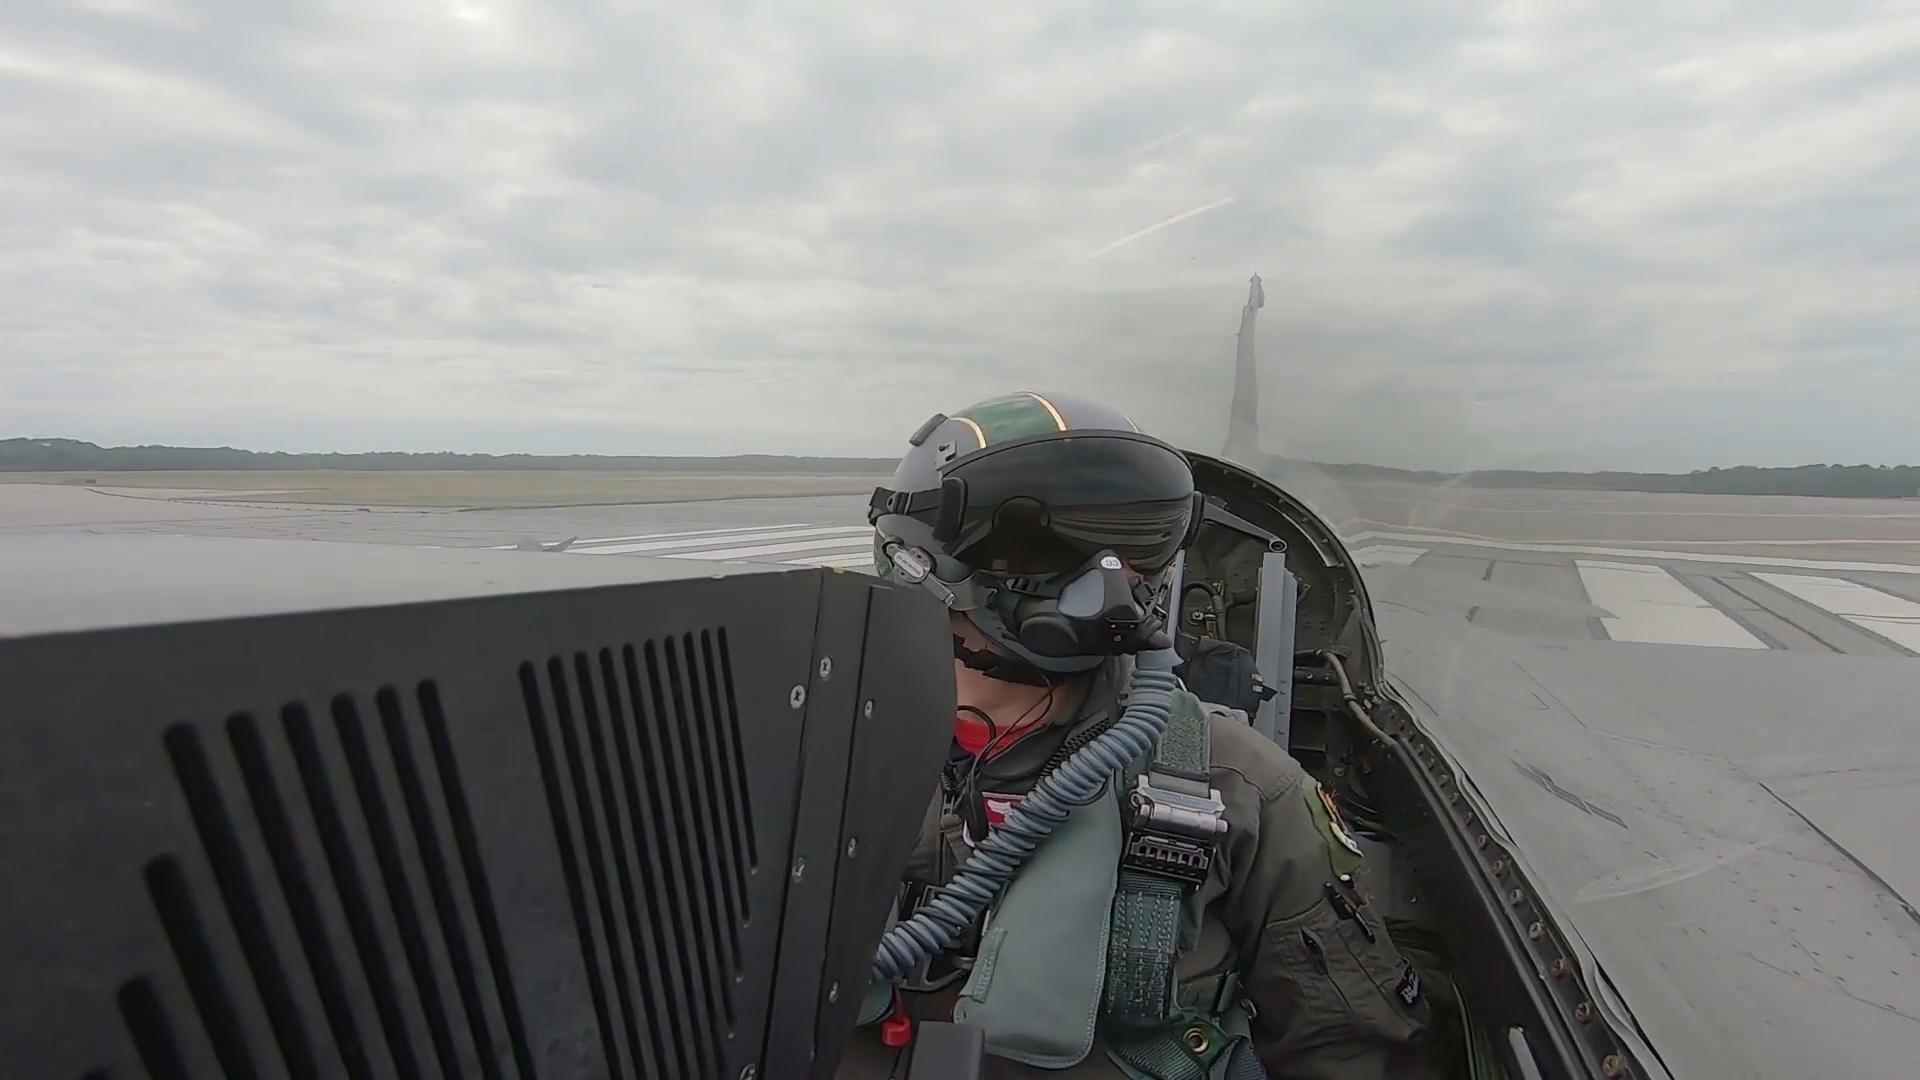 F-16D战斗机进行空中格斗训练!